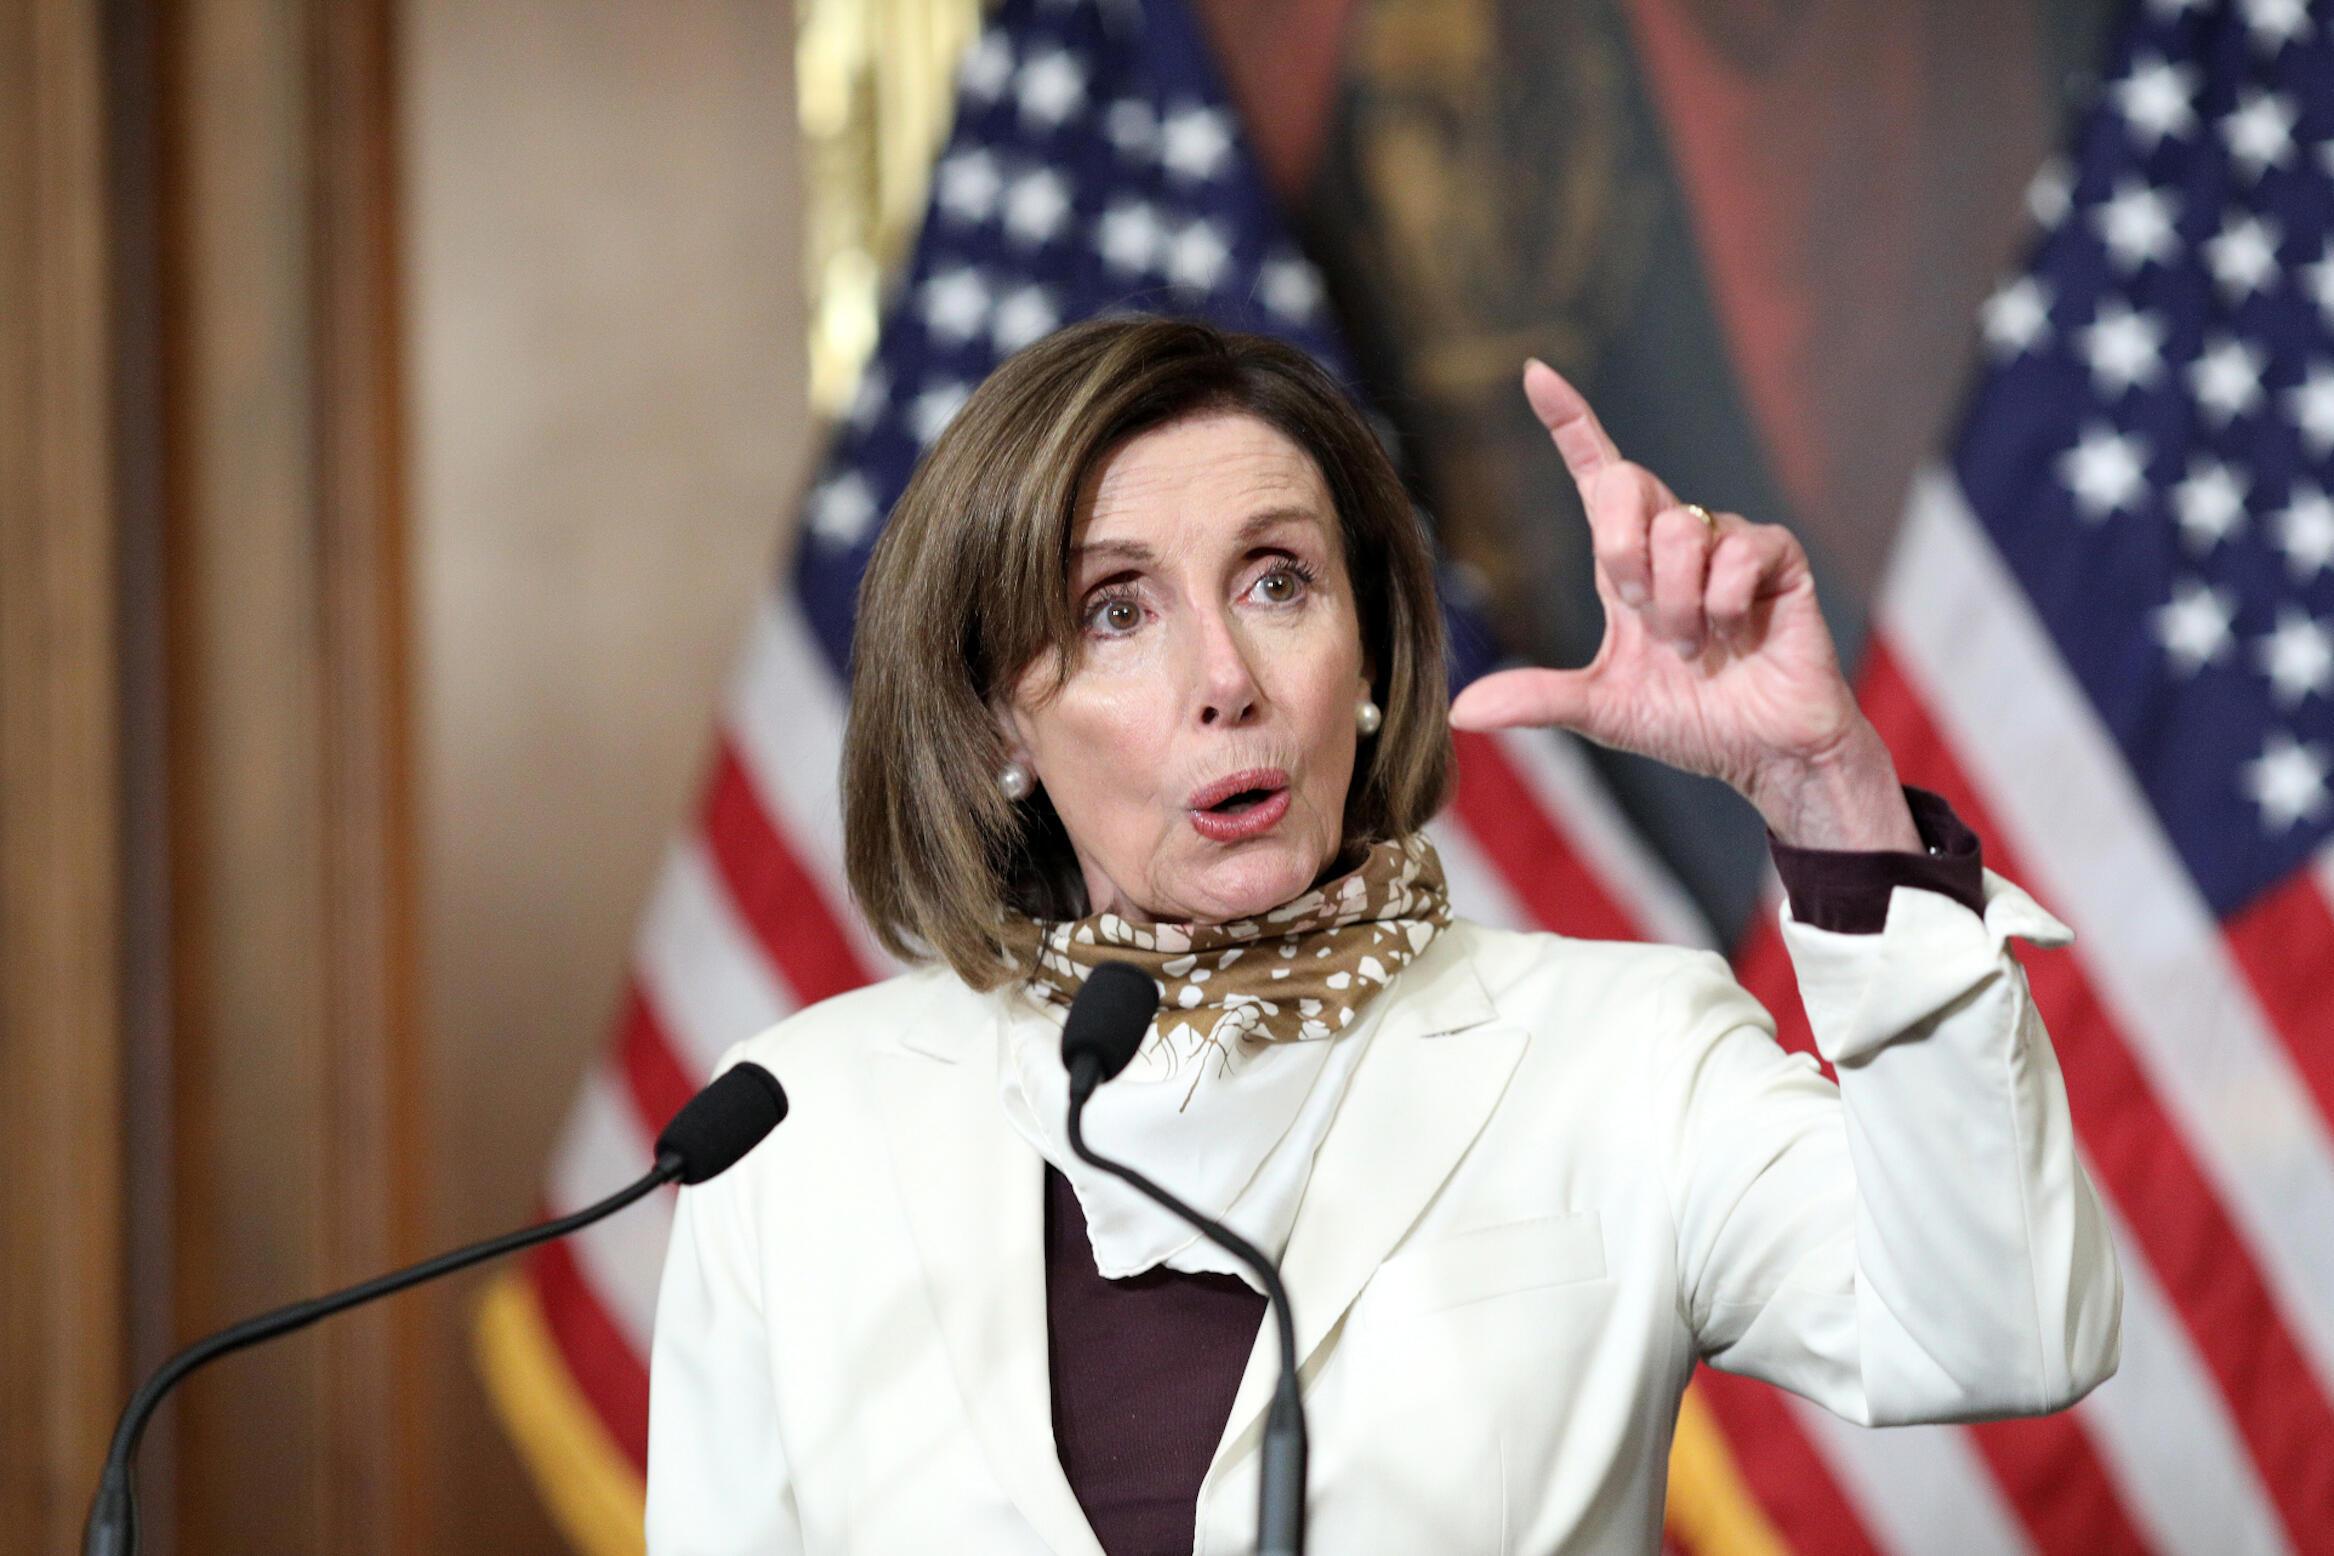 A Câmara dos Representantes do Estados Unidos, a democrata Nancy Pelosi, durante a sessão que aprovou, nesta quinta-feira 23 de avril de 2020, o novo pacote de ajkuta para enfrentar os efeitos da crise do coronavírus no país.